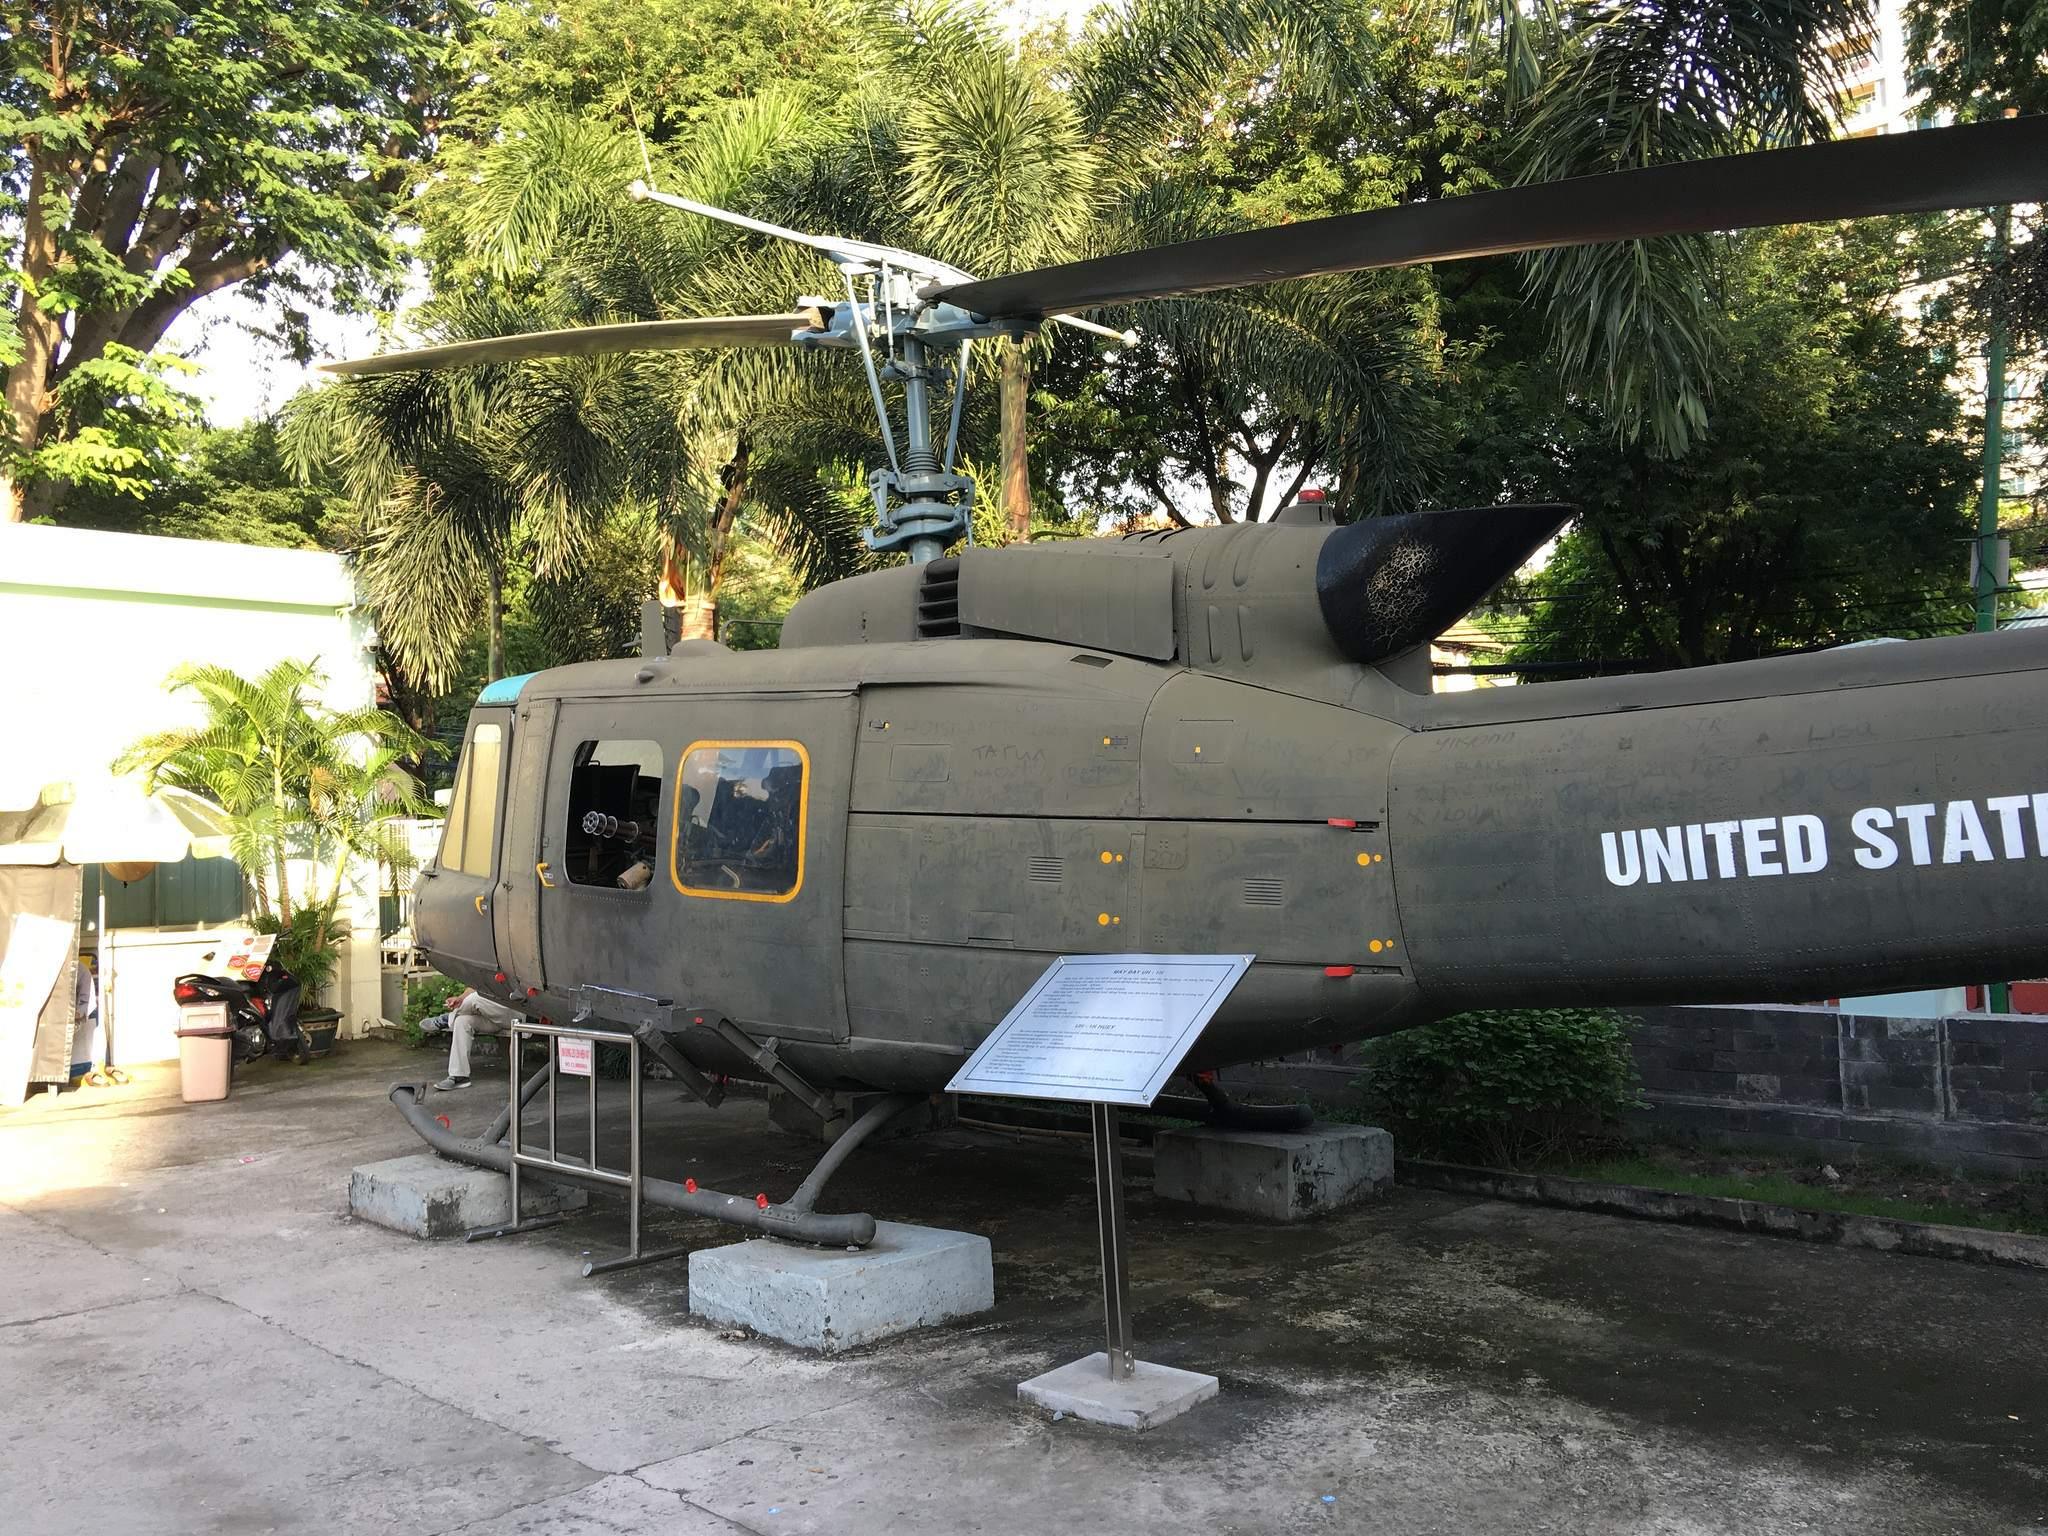 war remnants museum7 War Remnants Museum in Ho Chi Minh City, Vietnam